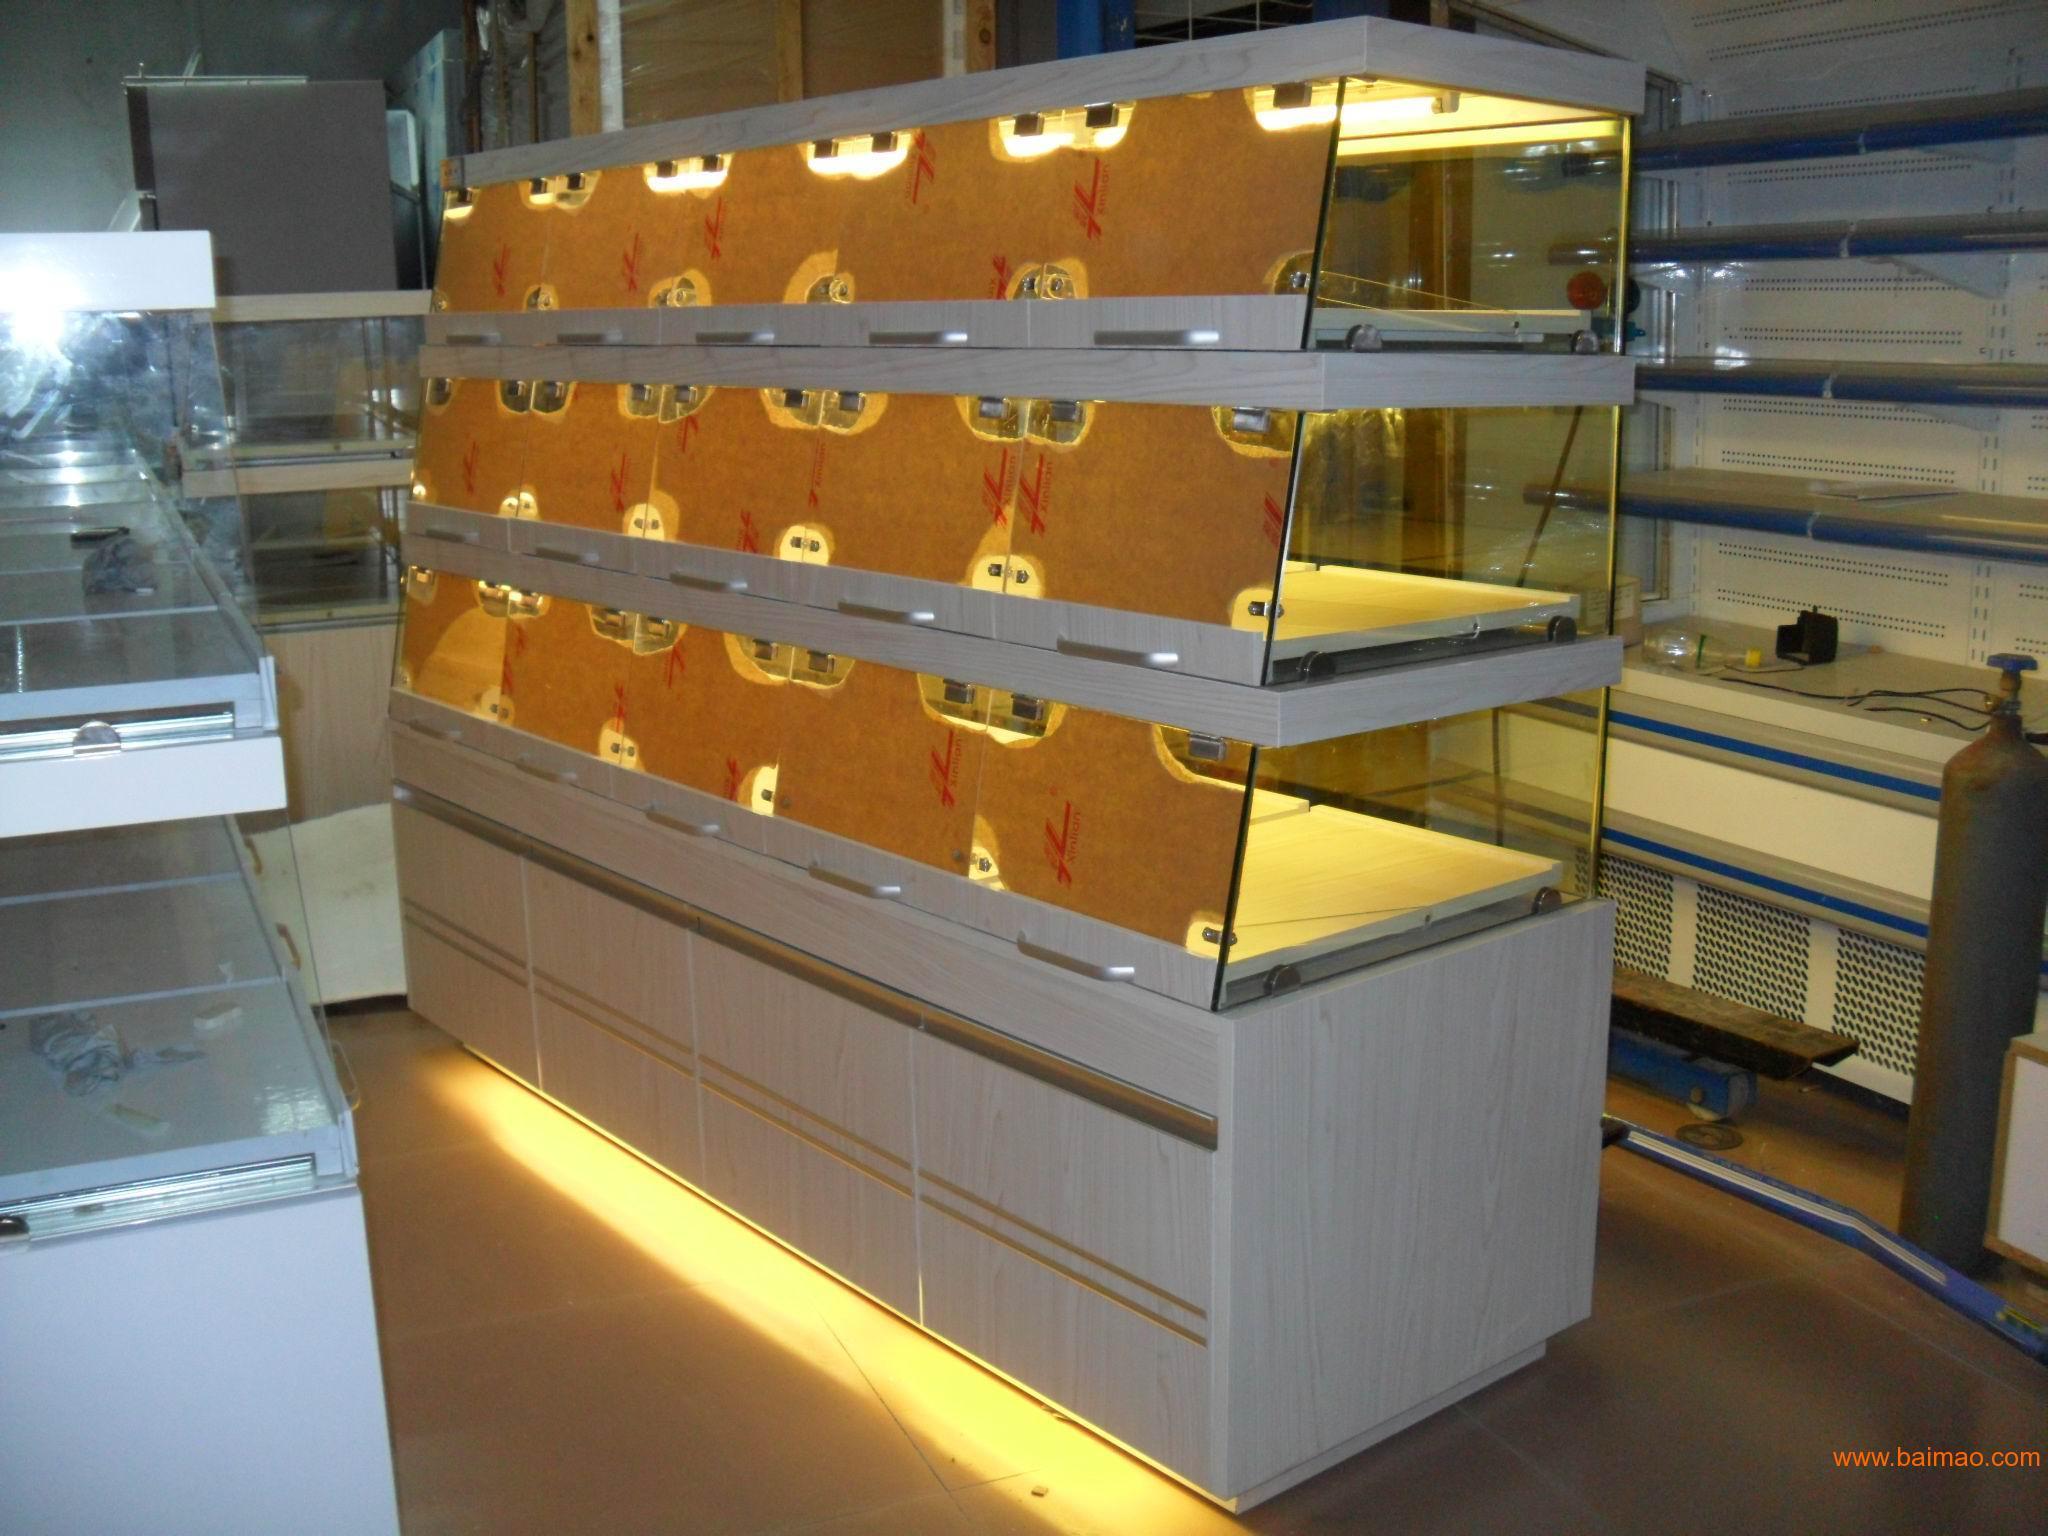 面包柜,面包展示柜,边岛面包柜,面包柜,面包展示柜,边岛面包柜生产厂家,面包柜,面包展示柜,边岛面包柜价格